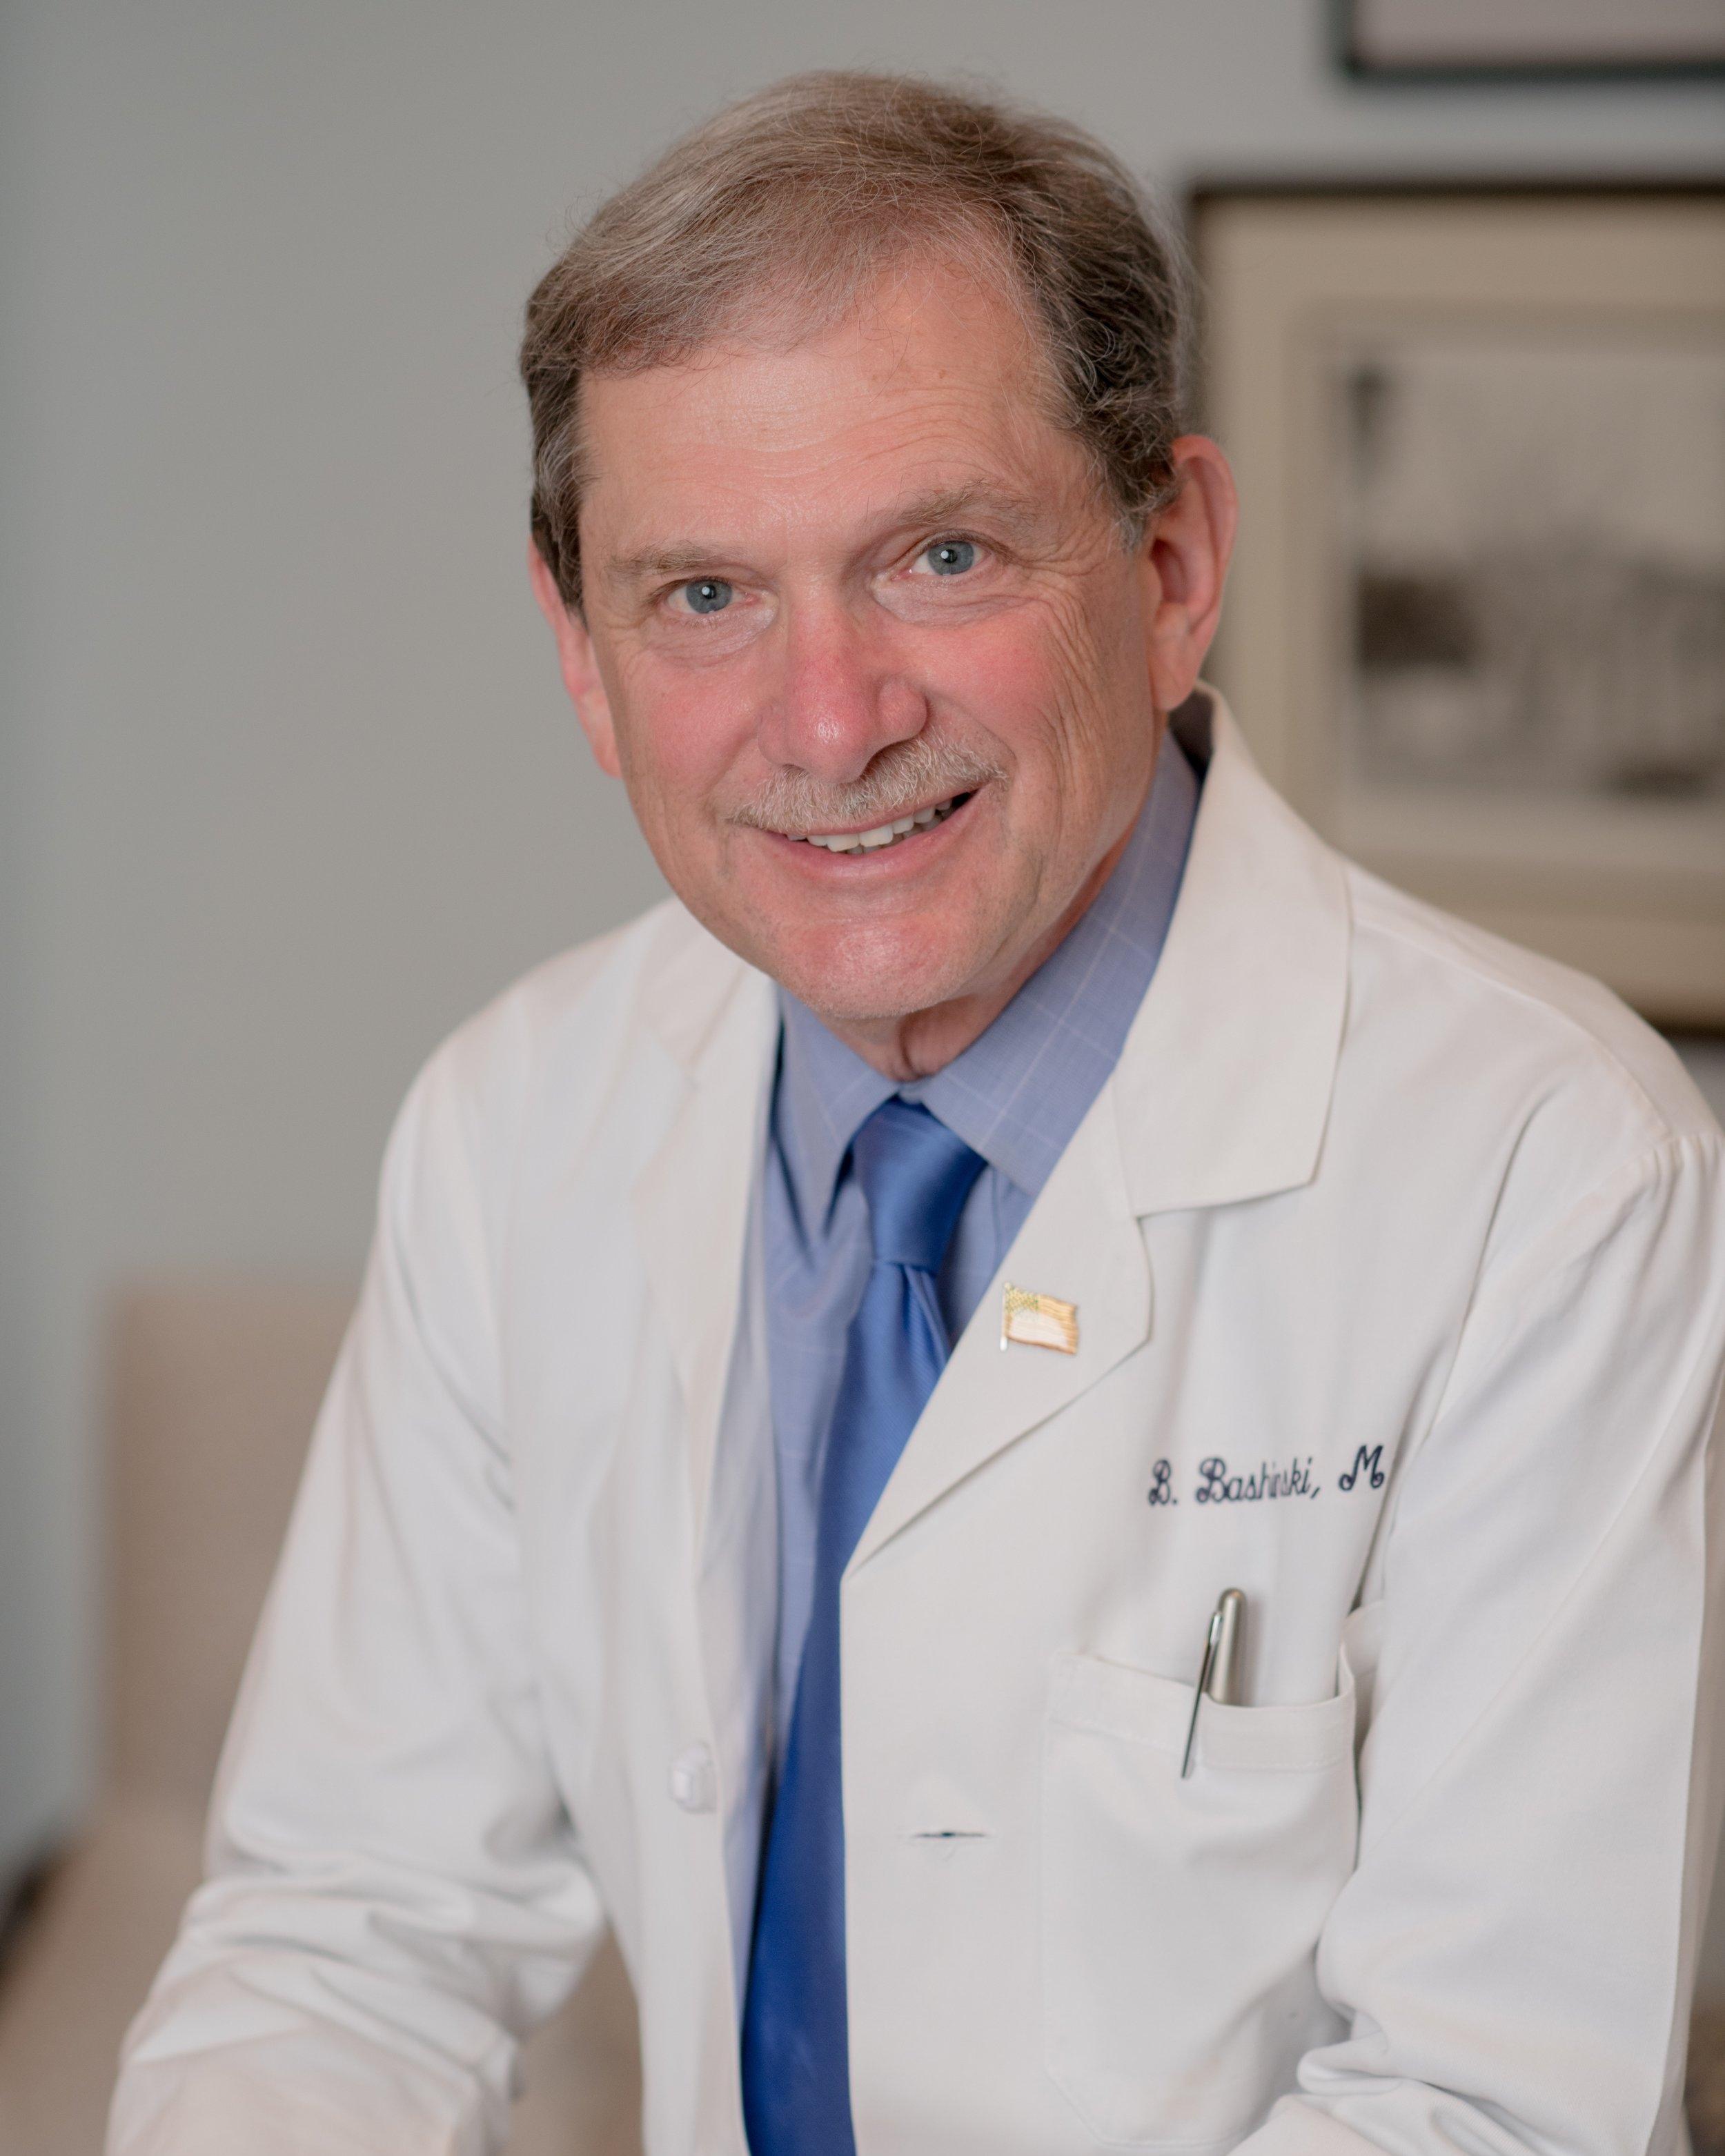 DR. BEN BASHINSKI, III -